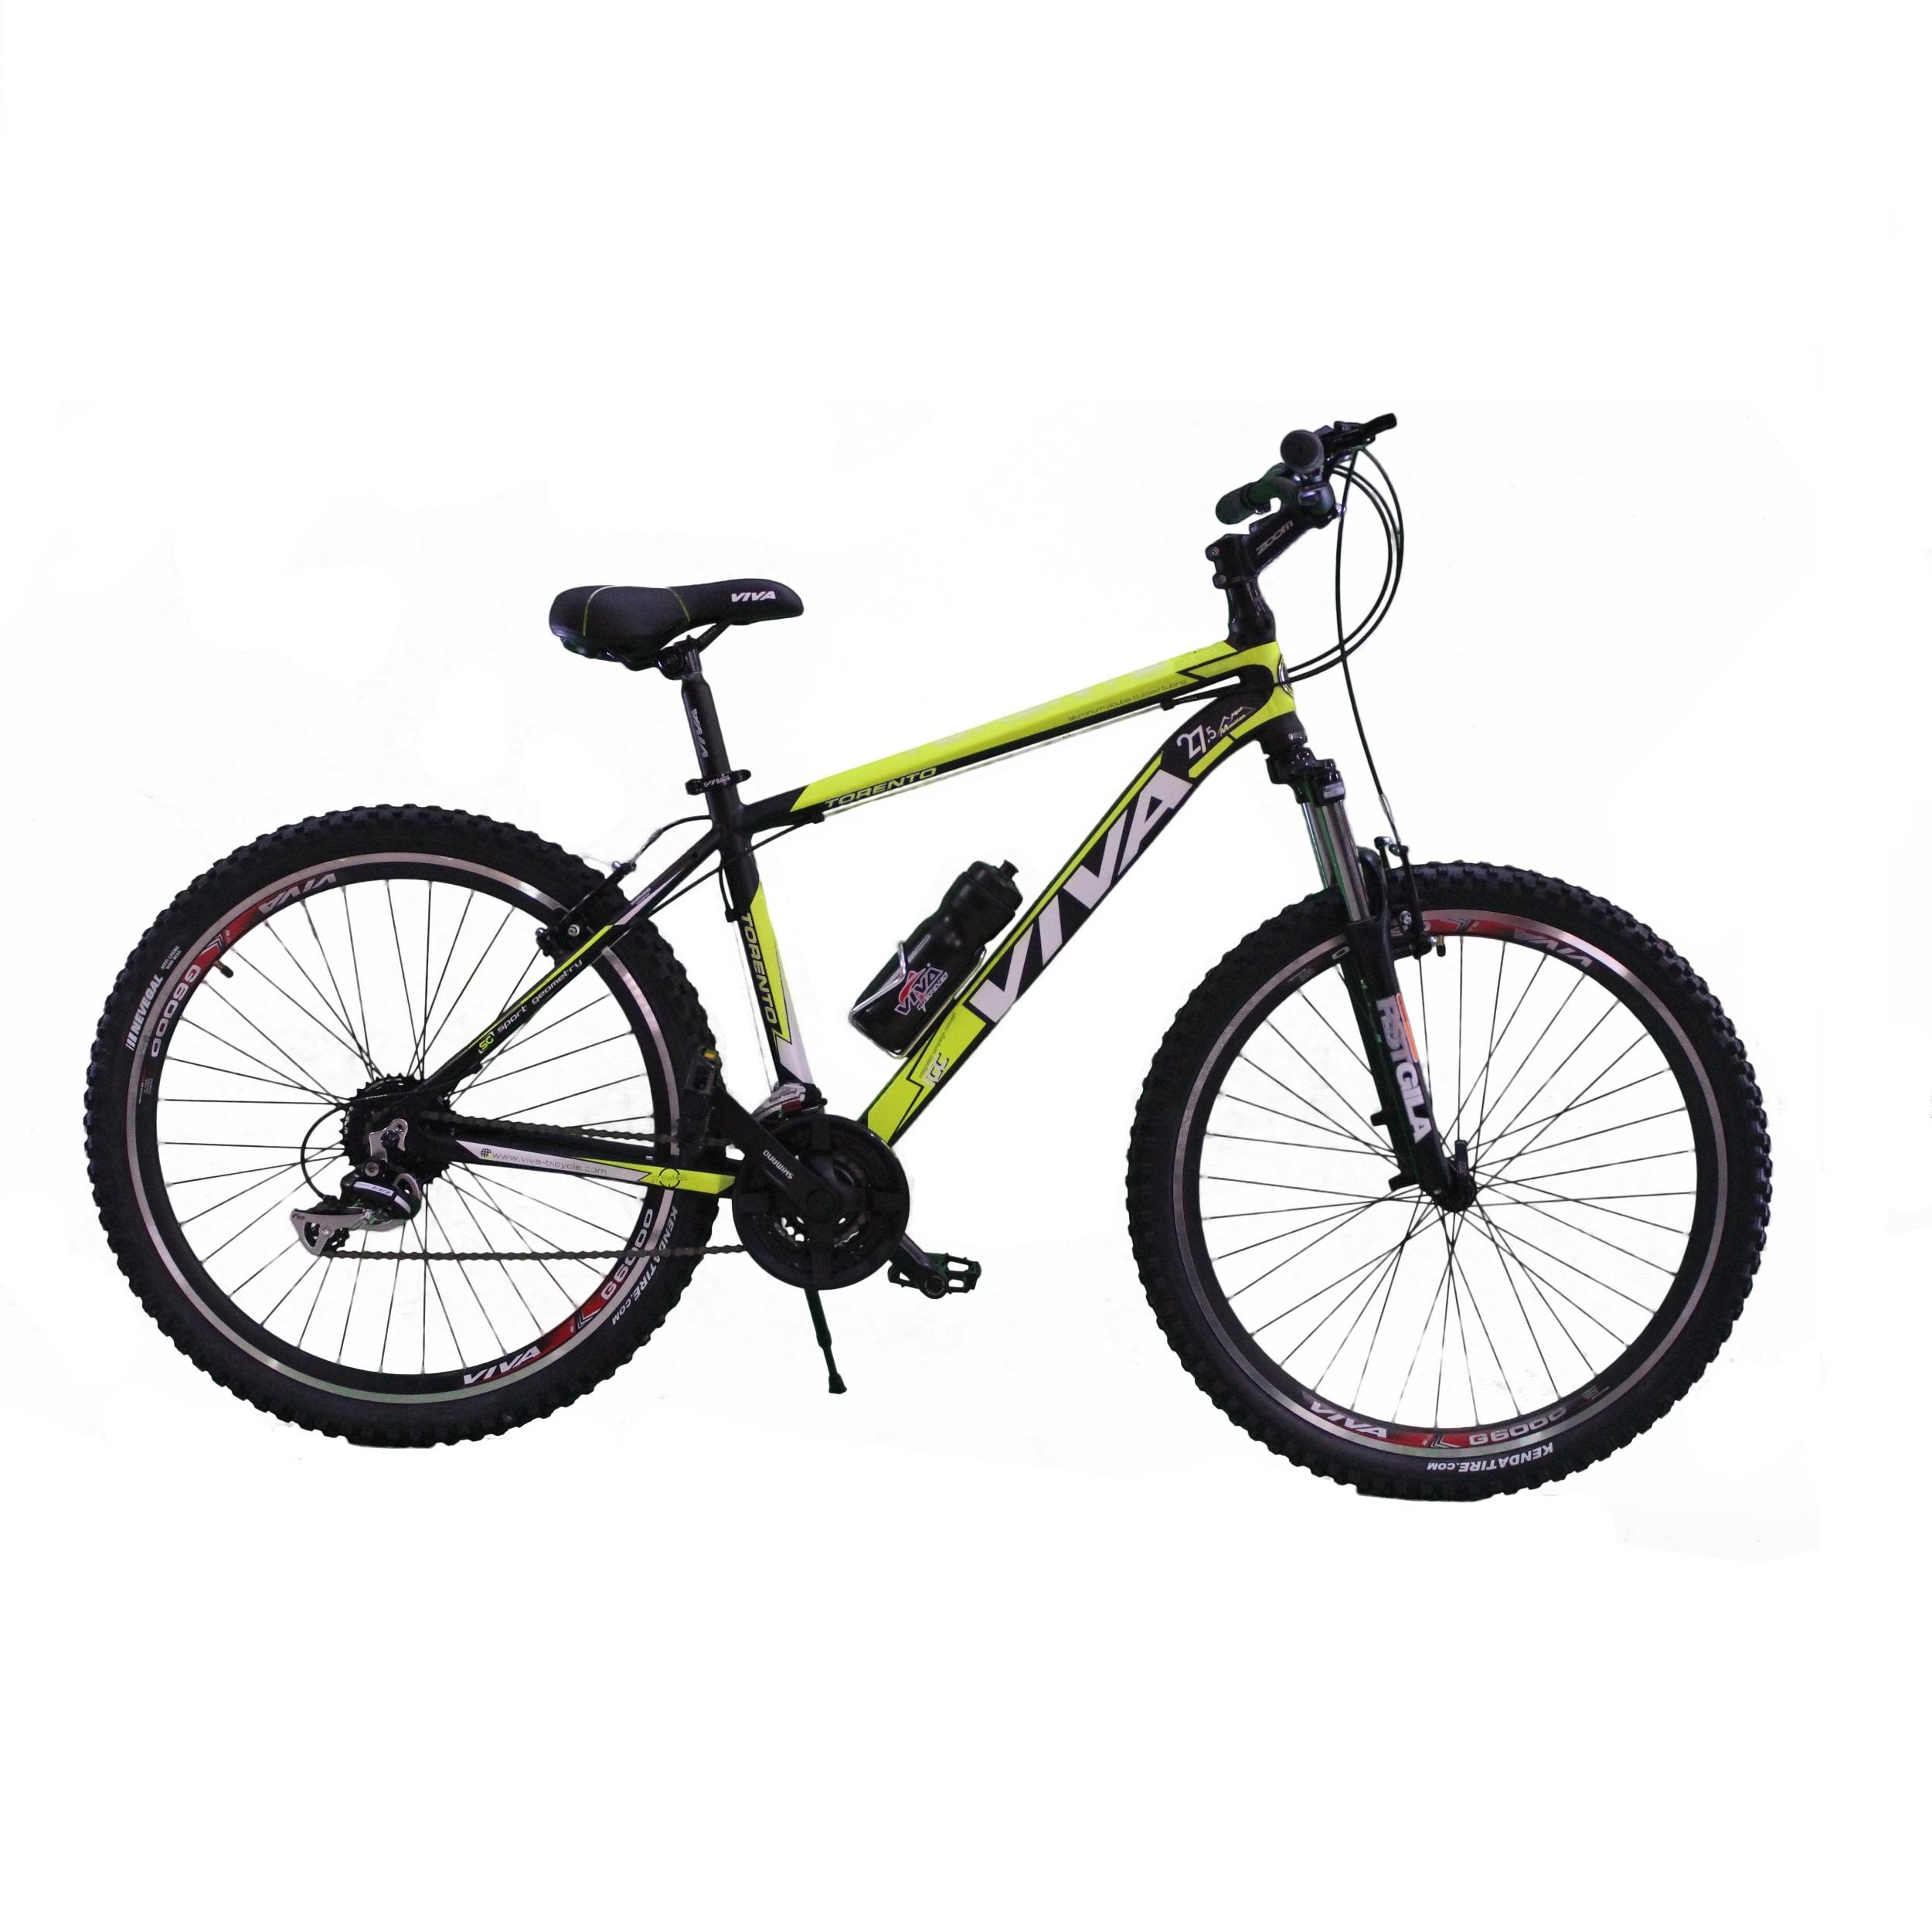 دوچرخه کوهستان ویوا مدل TORENTO سایز 27.5